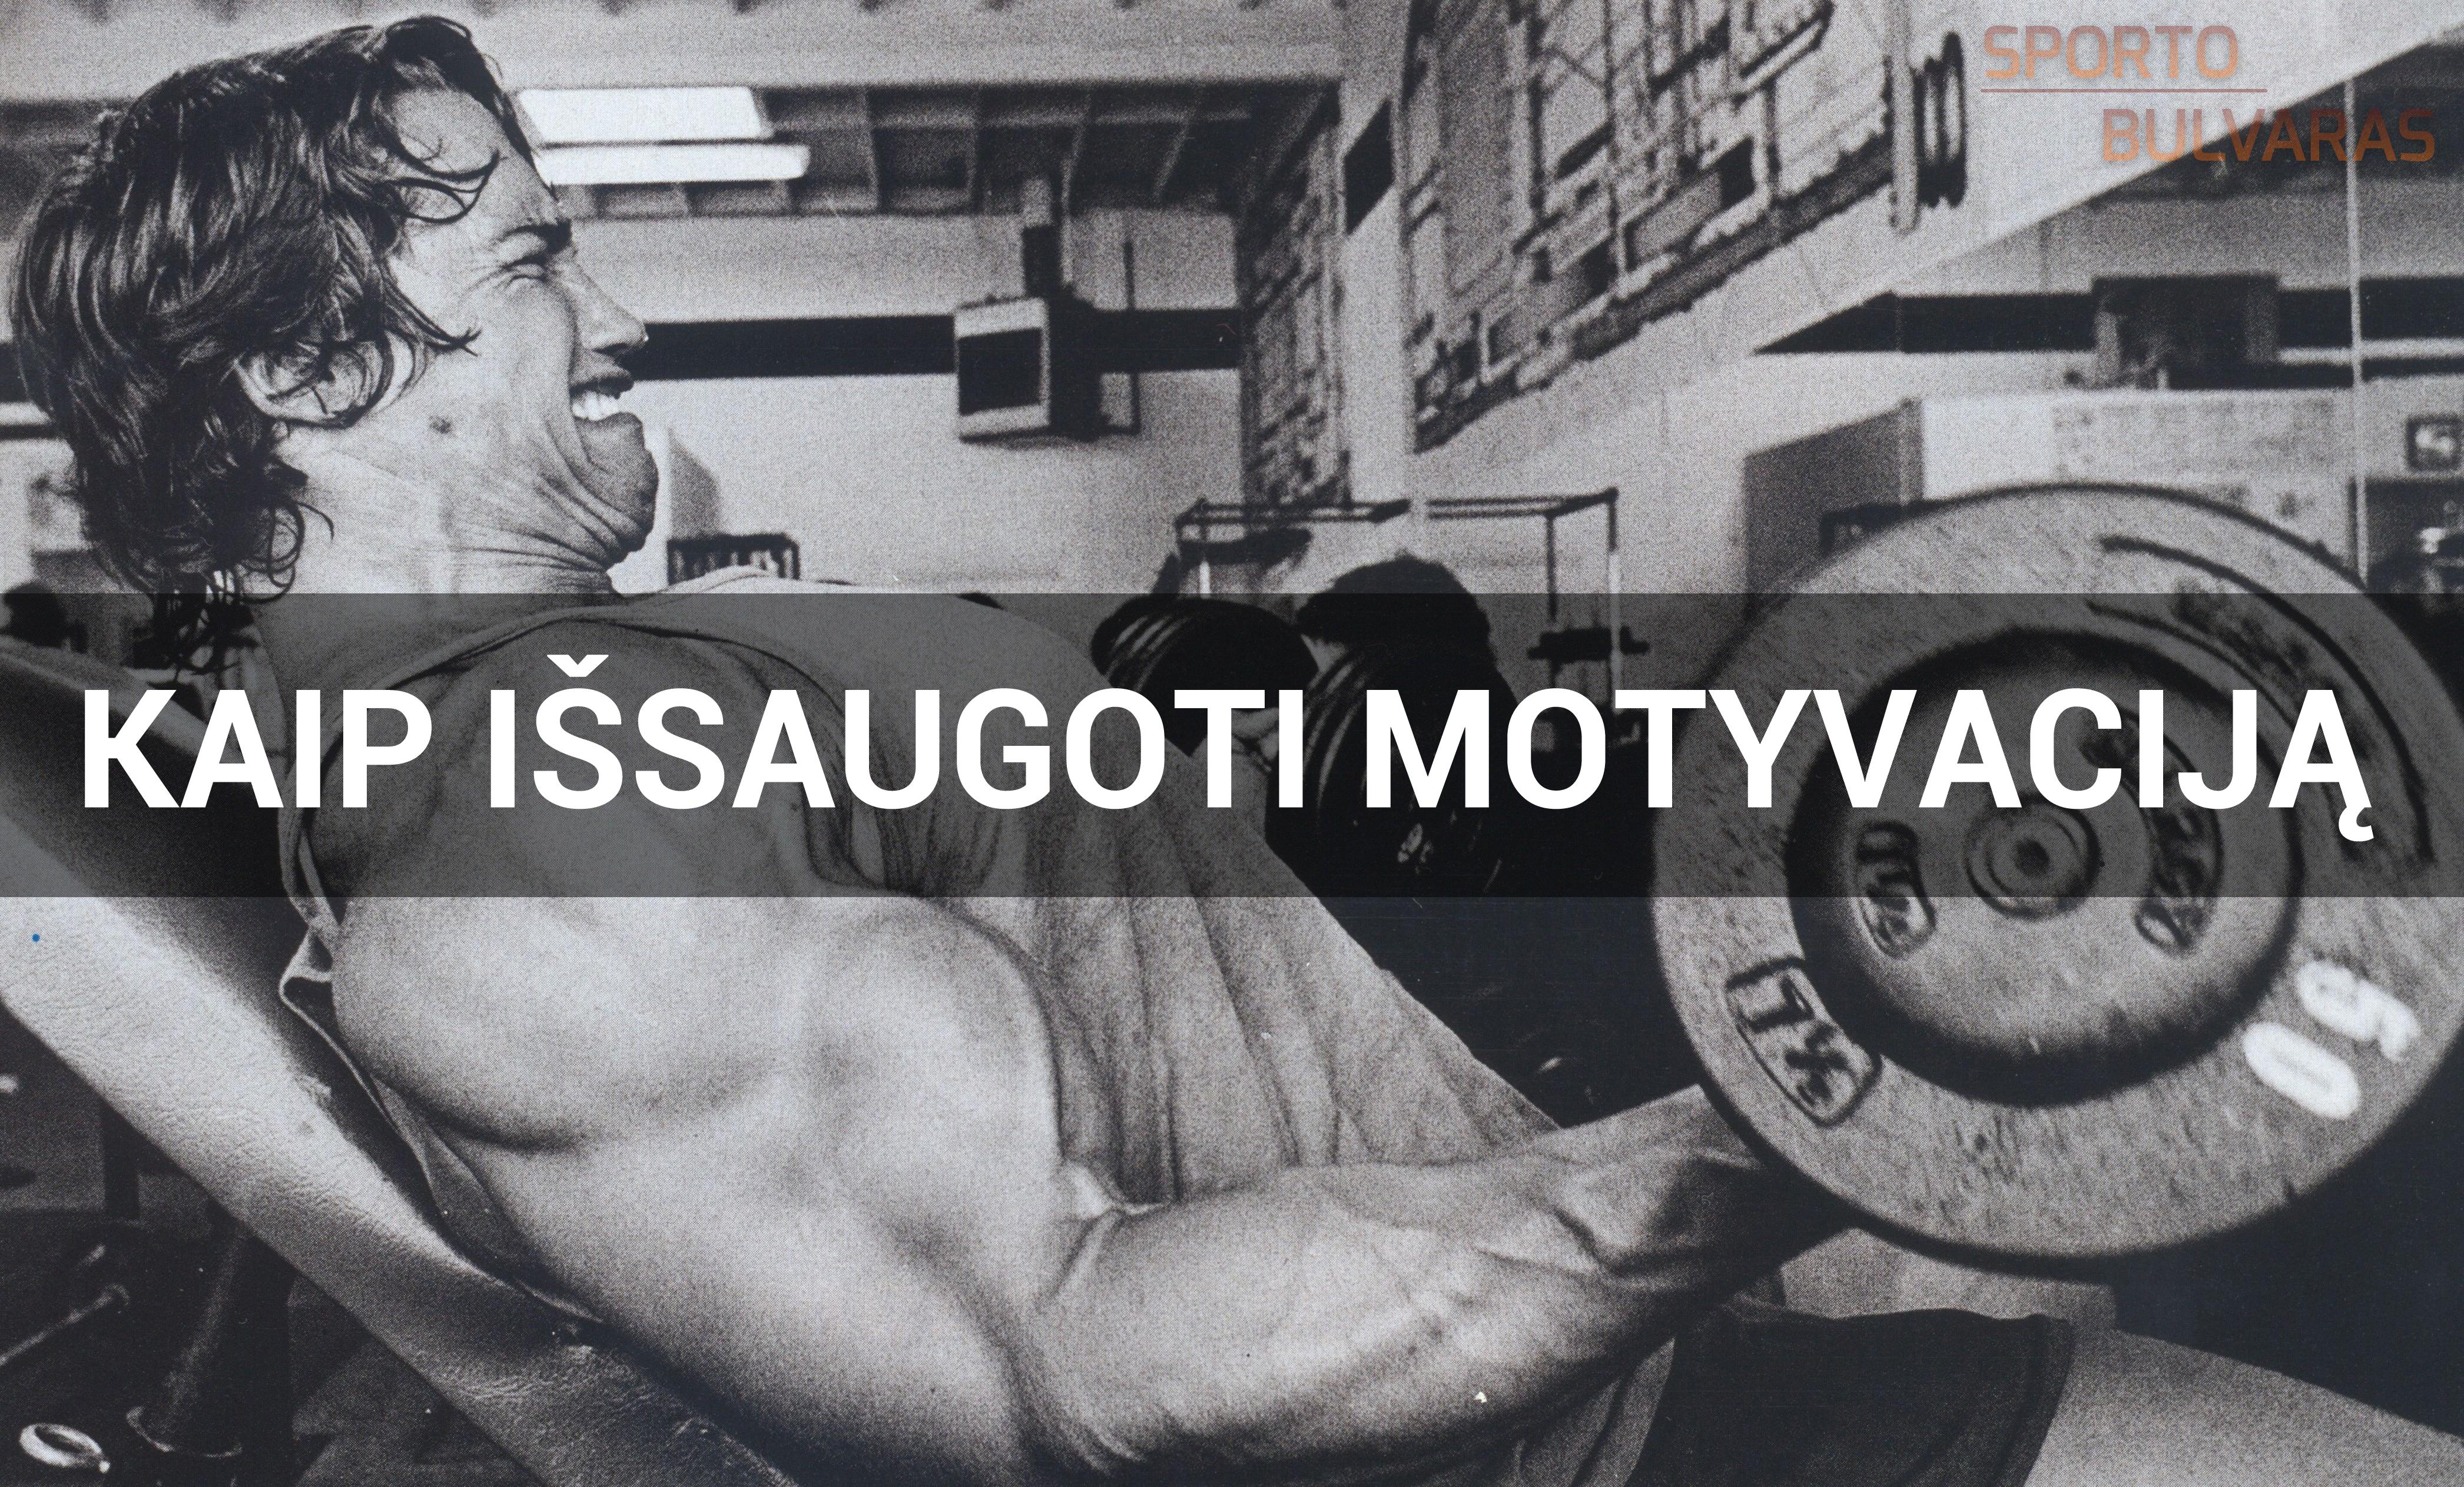 Kaip išsaugoti motyvaciją